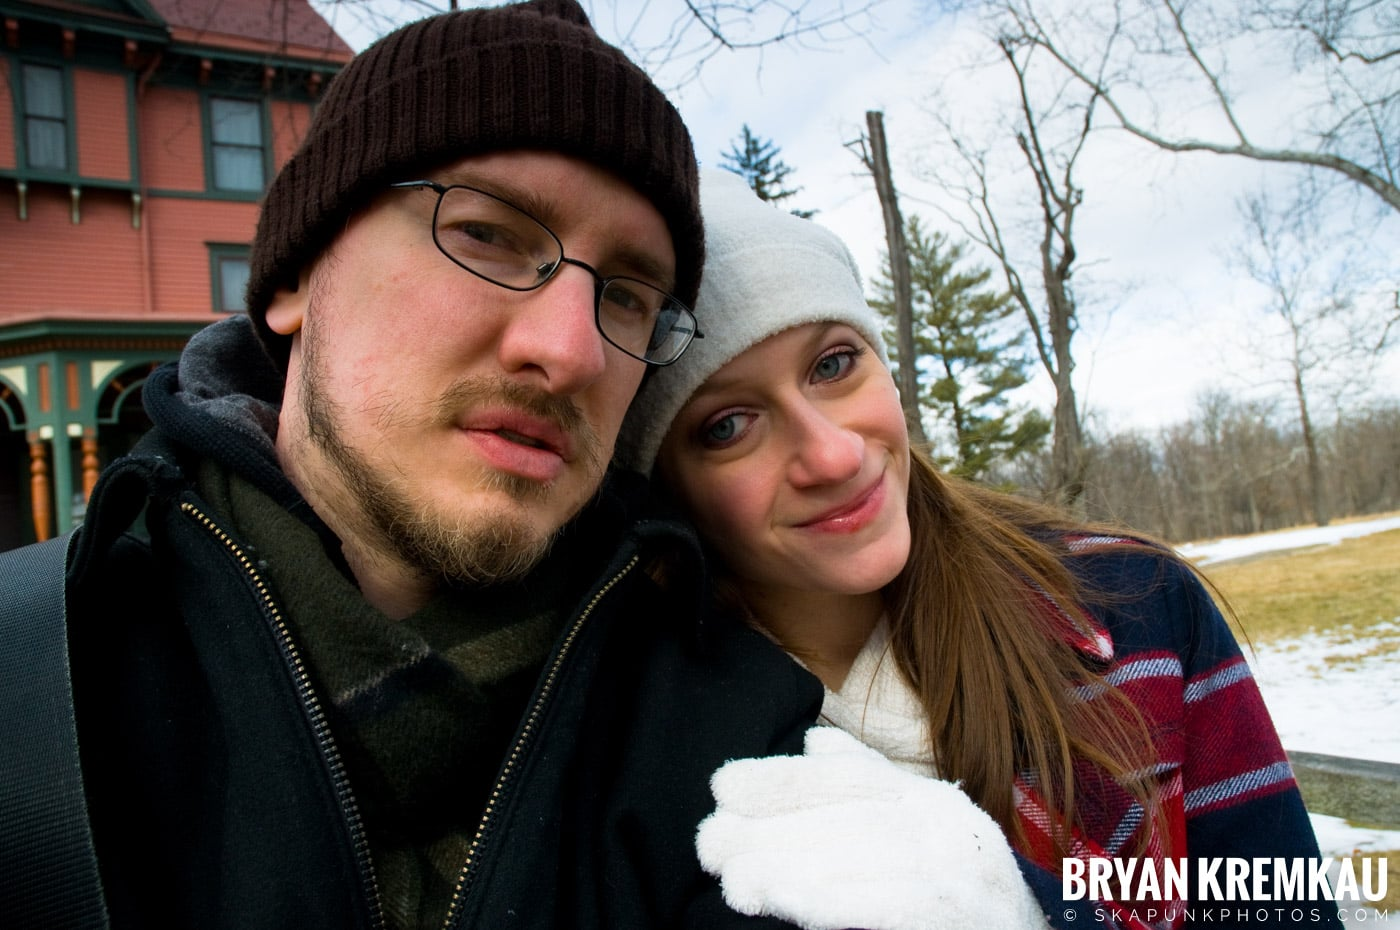 Valentine's Day Trip @ Rhinebeck, FDR's Home, Vanderbilt, Wilderstein Historic Site, NY - 2.14.10 (39)